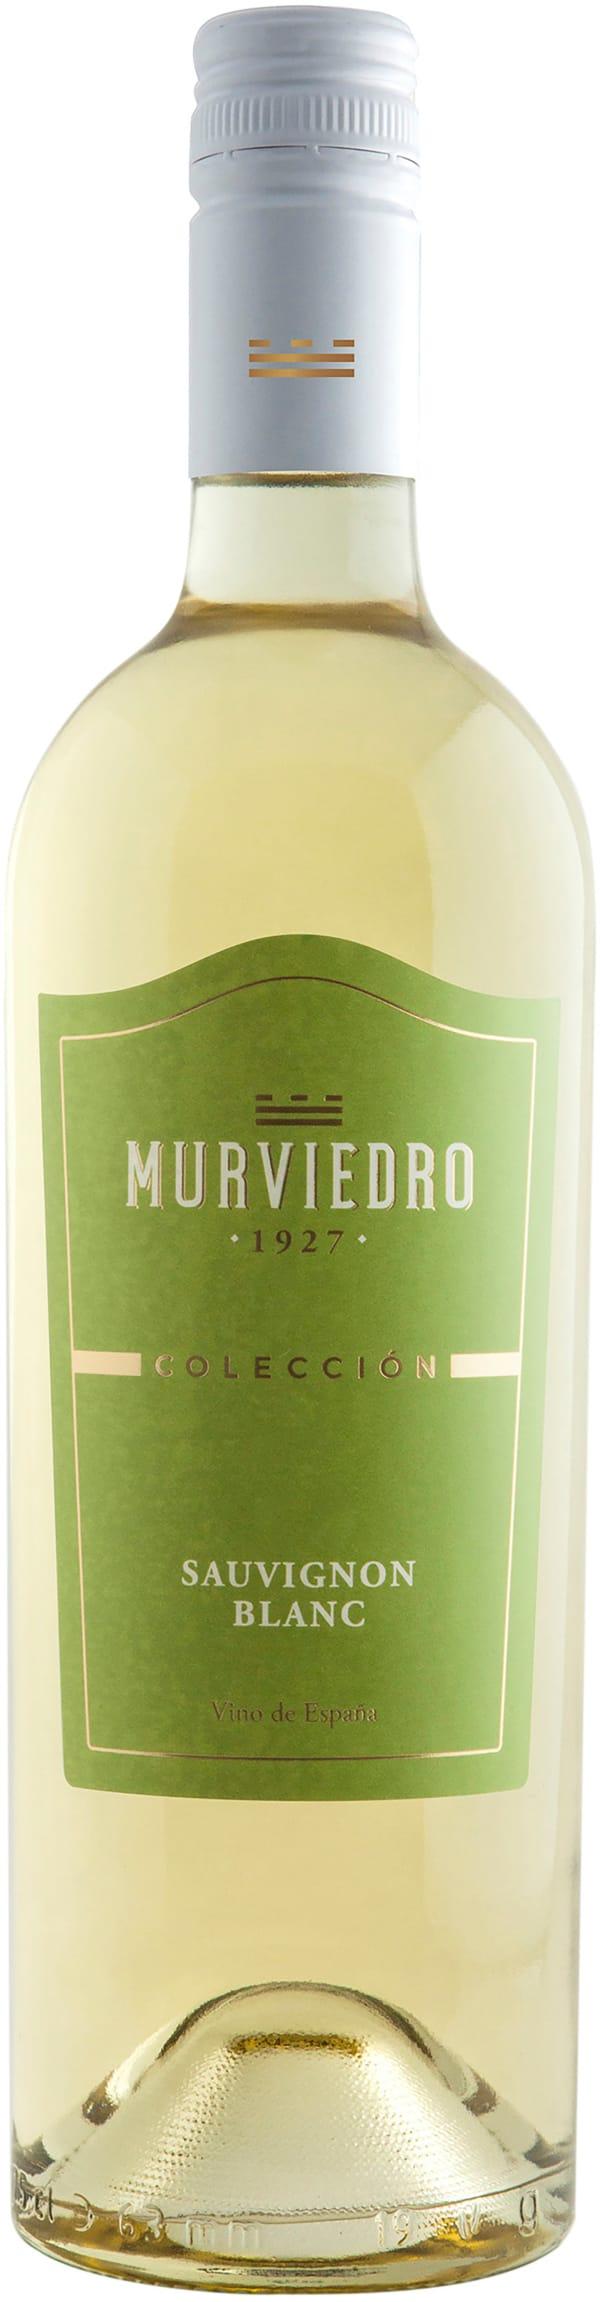 Murviedro Colección Sauvignon Blanc 2017